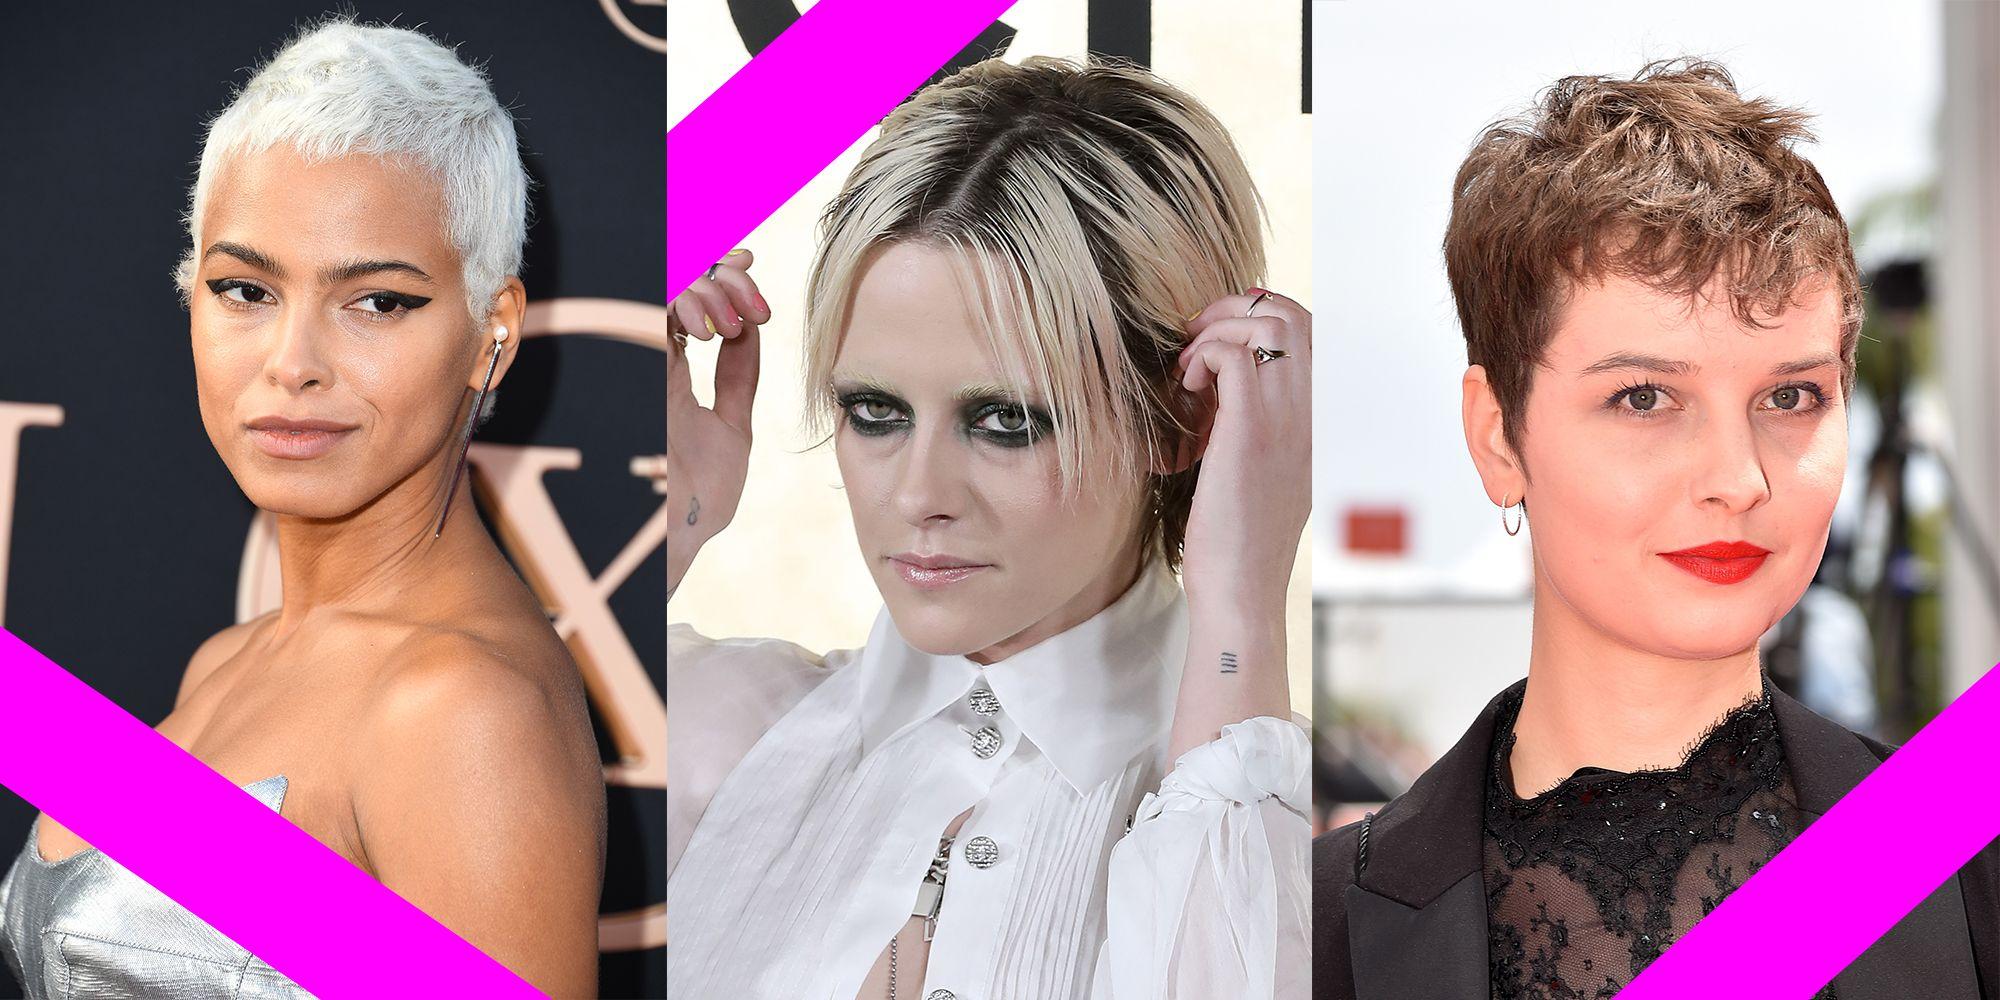 Immagini di tre celebrities con i capelli corti che danno l\u0027idea dei nuovi  tagli